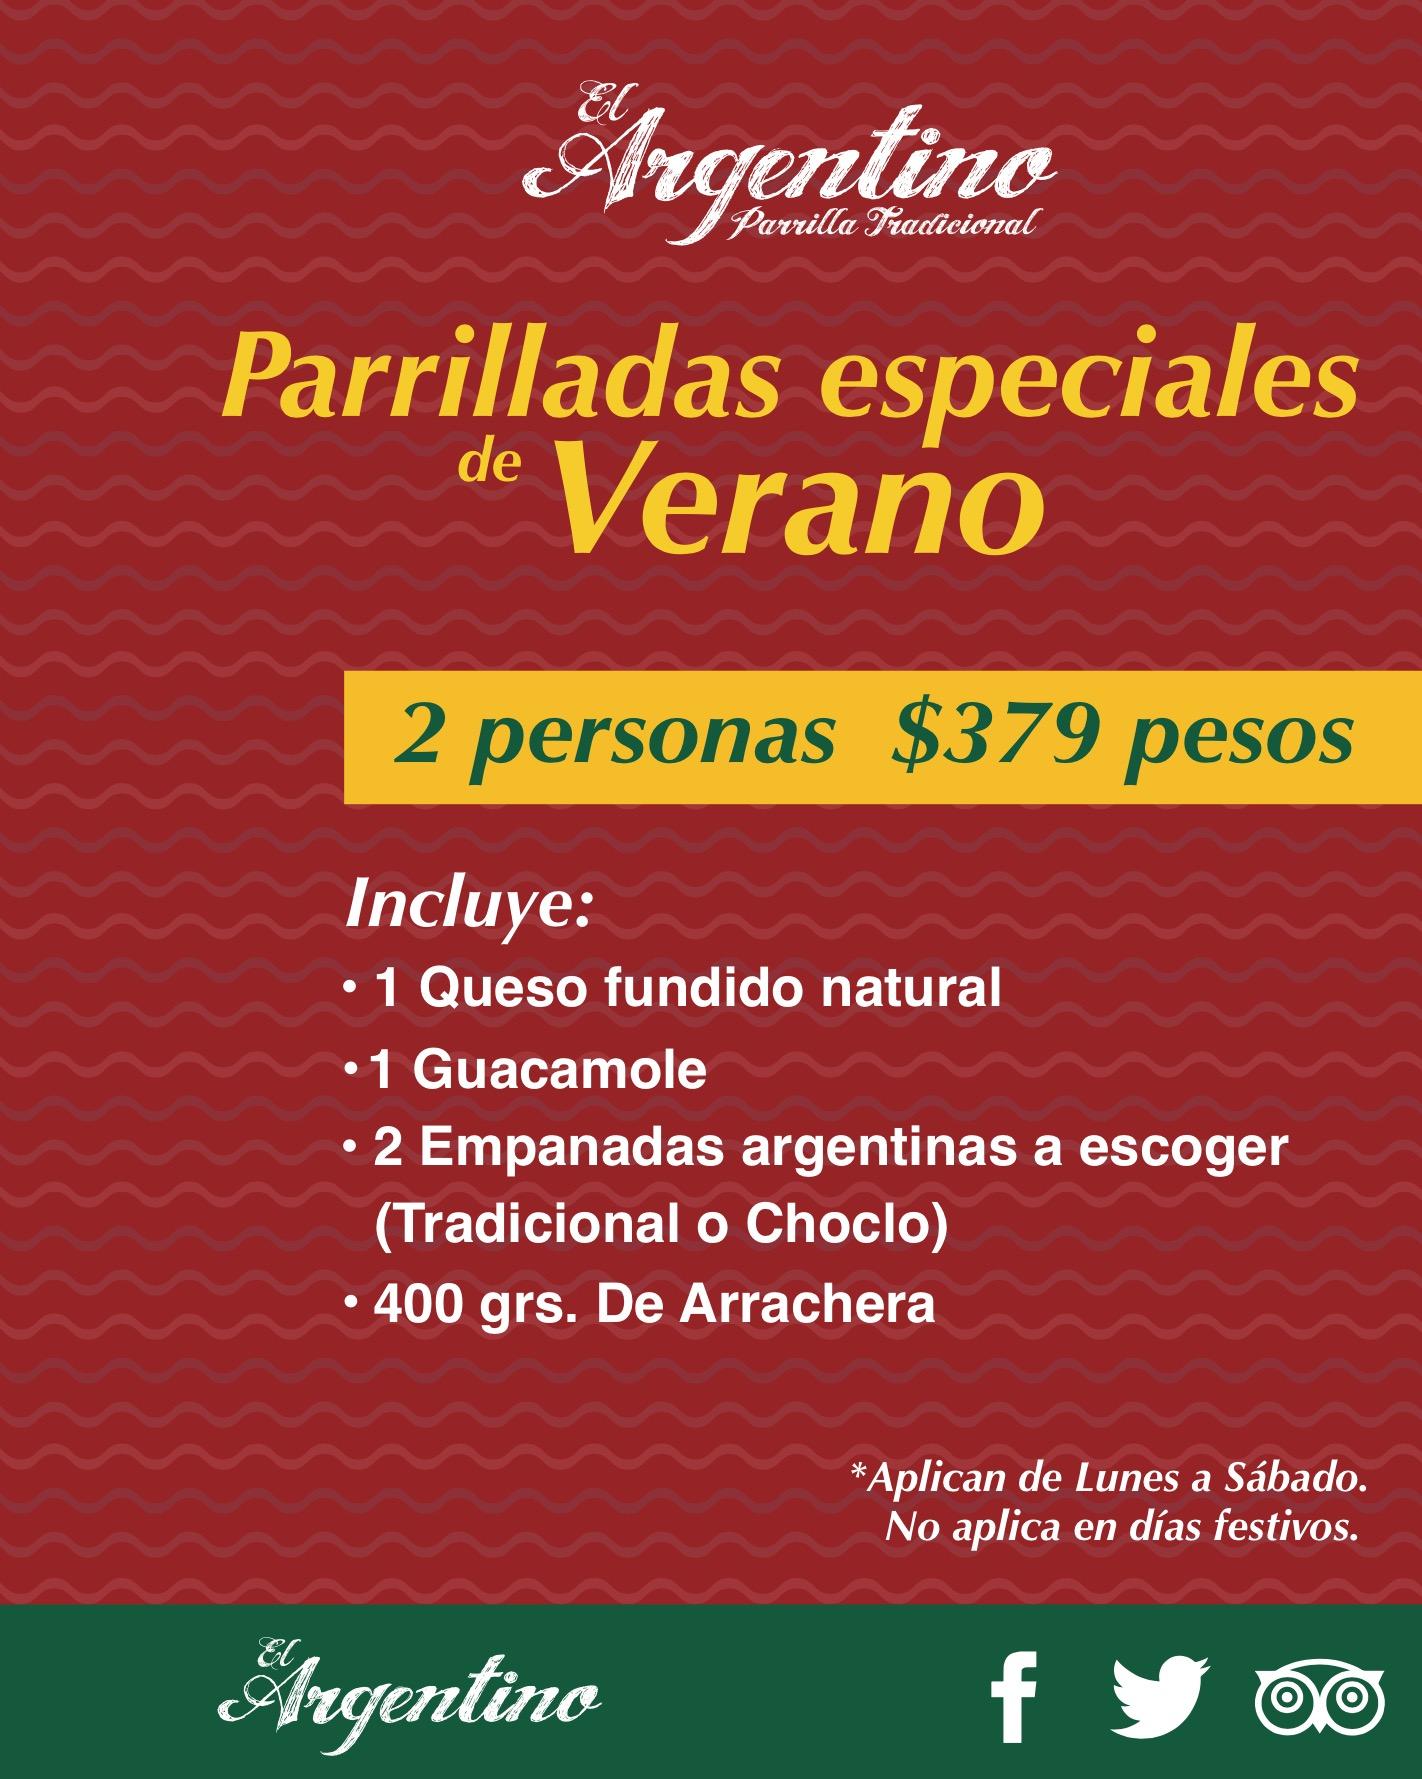 PARRILLADAS DE VERANO 2personas